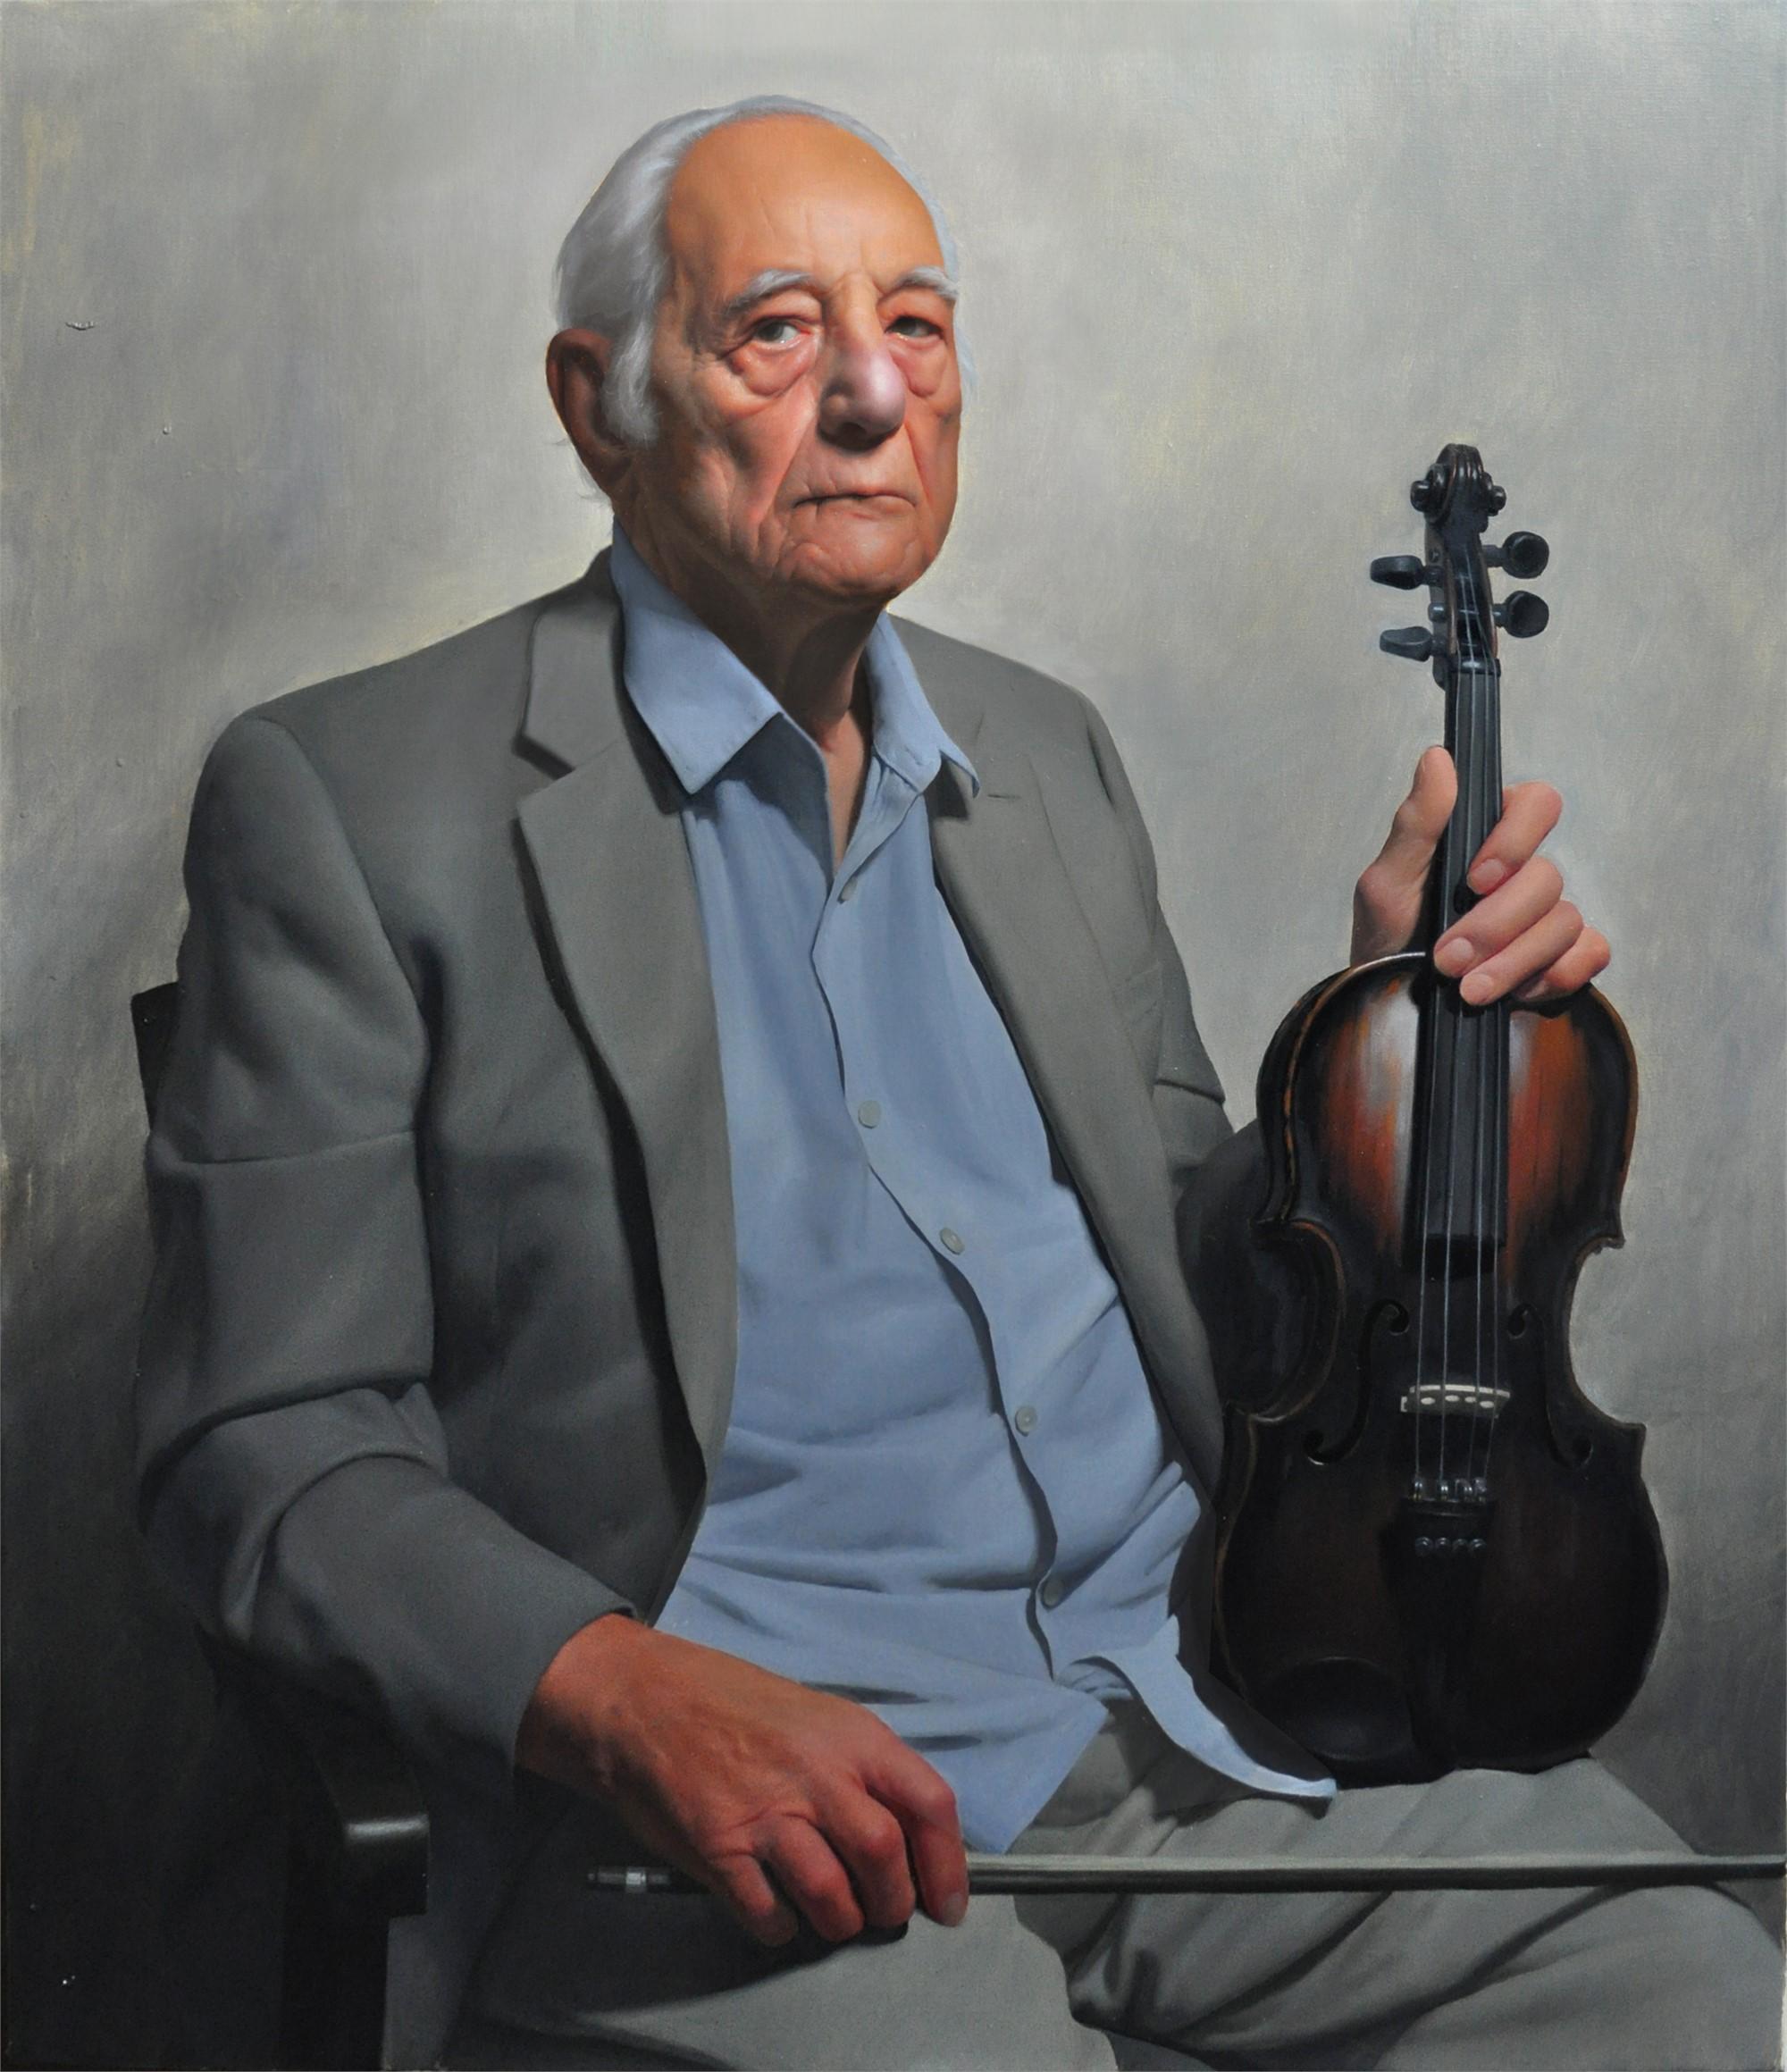 Portrait by Scott Waddell